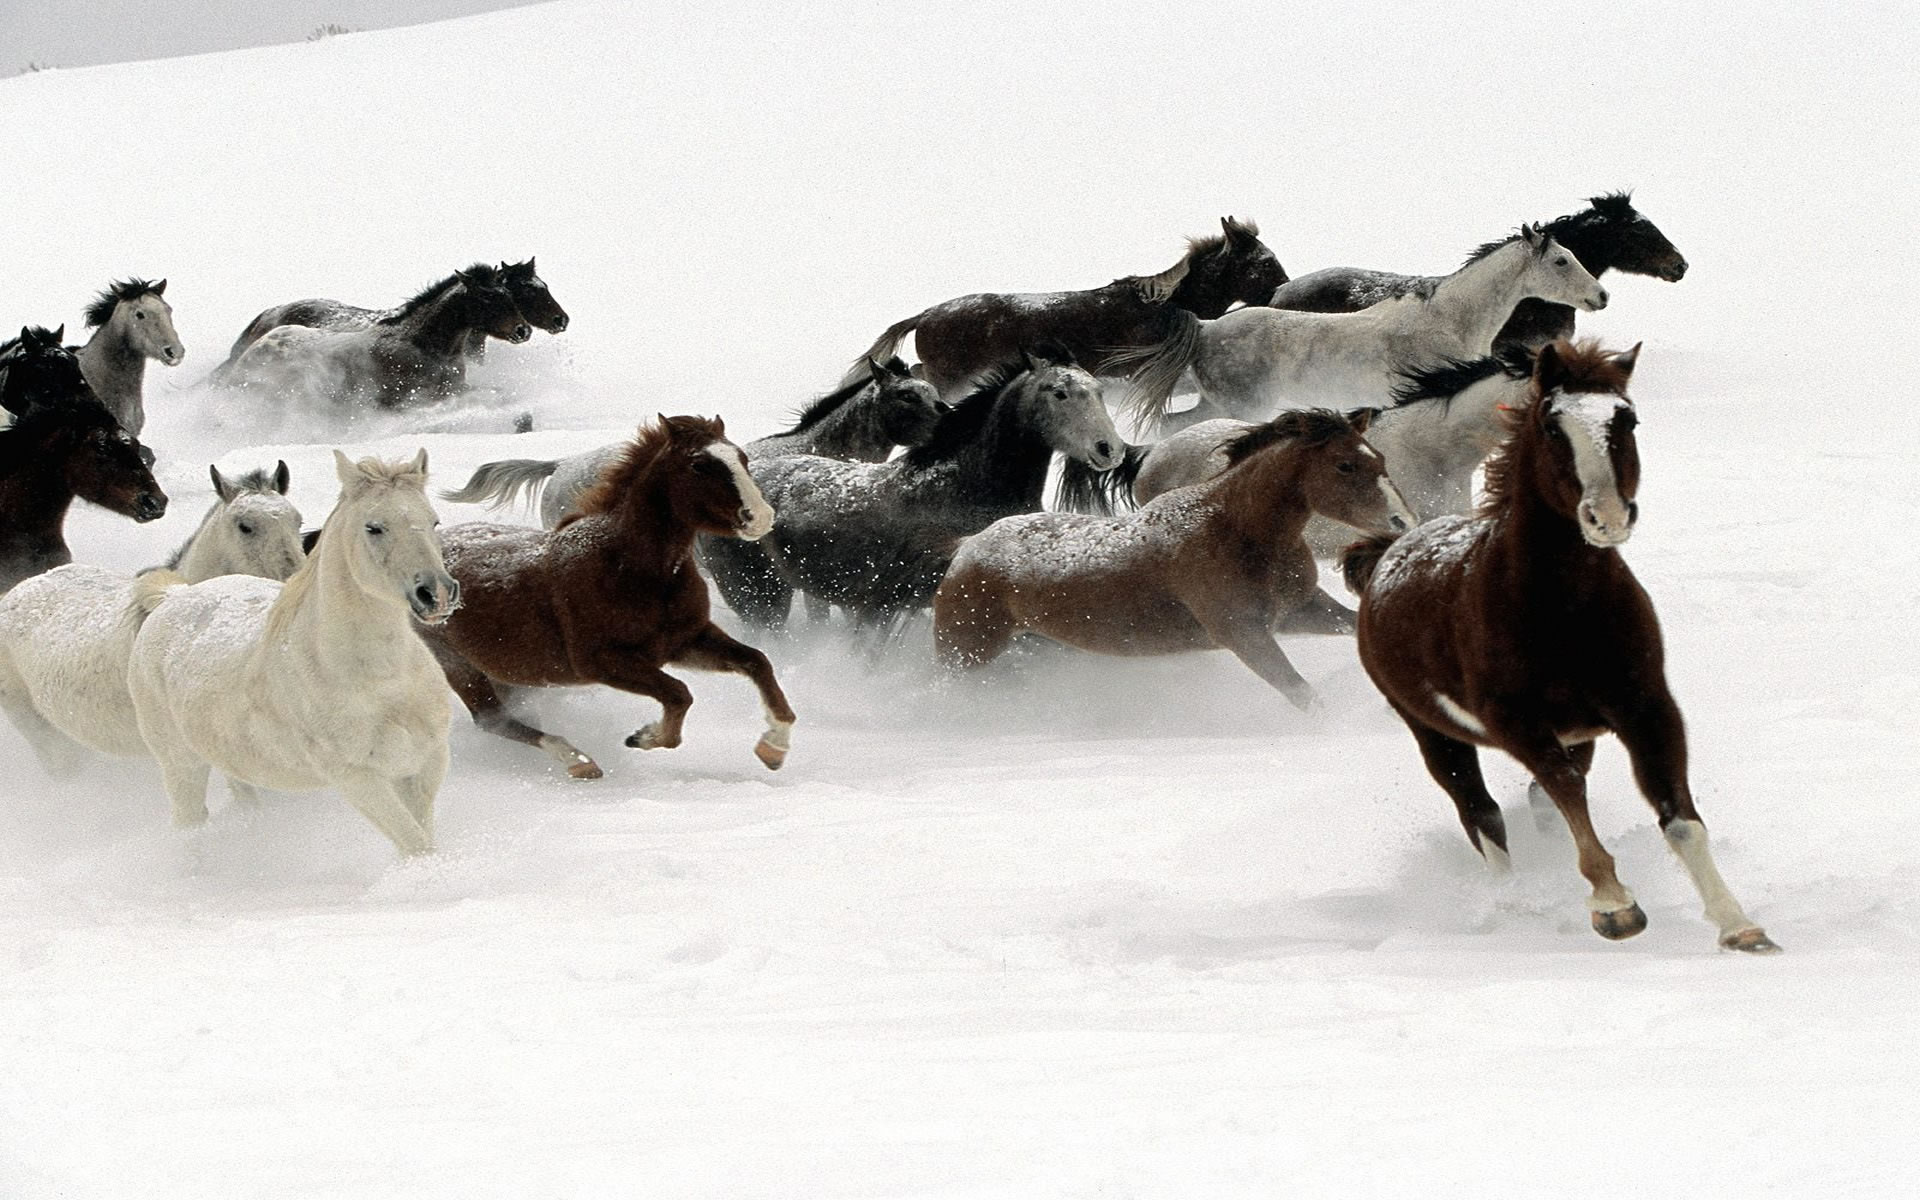 Imágenes de Caballos Corriendo